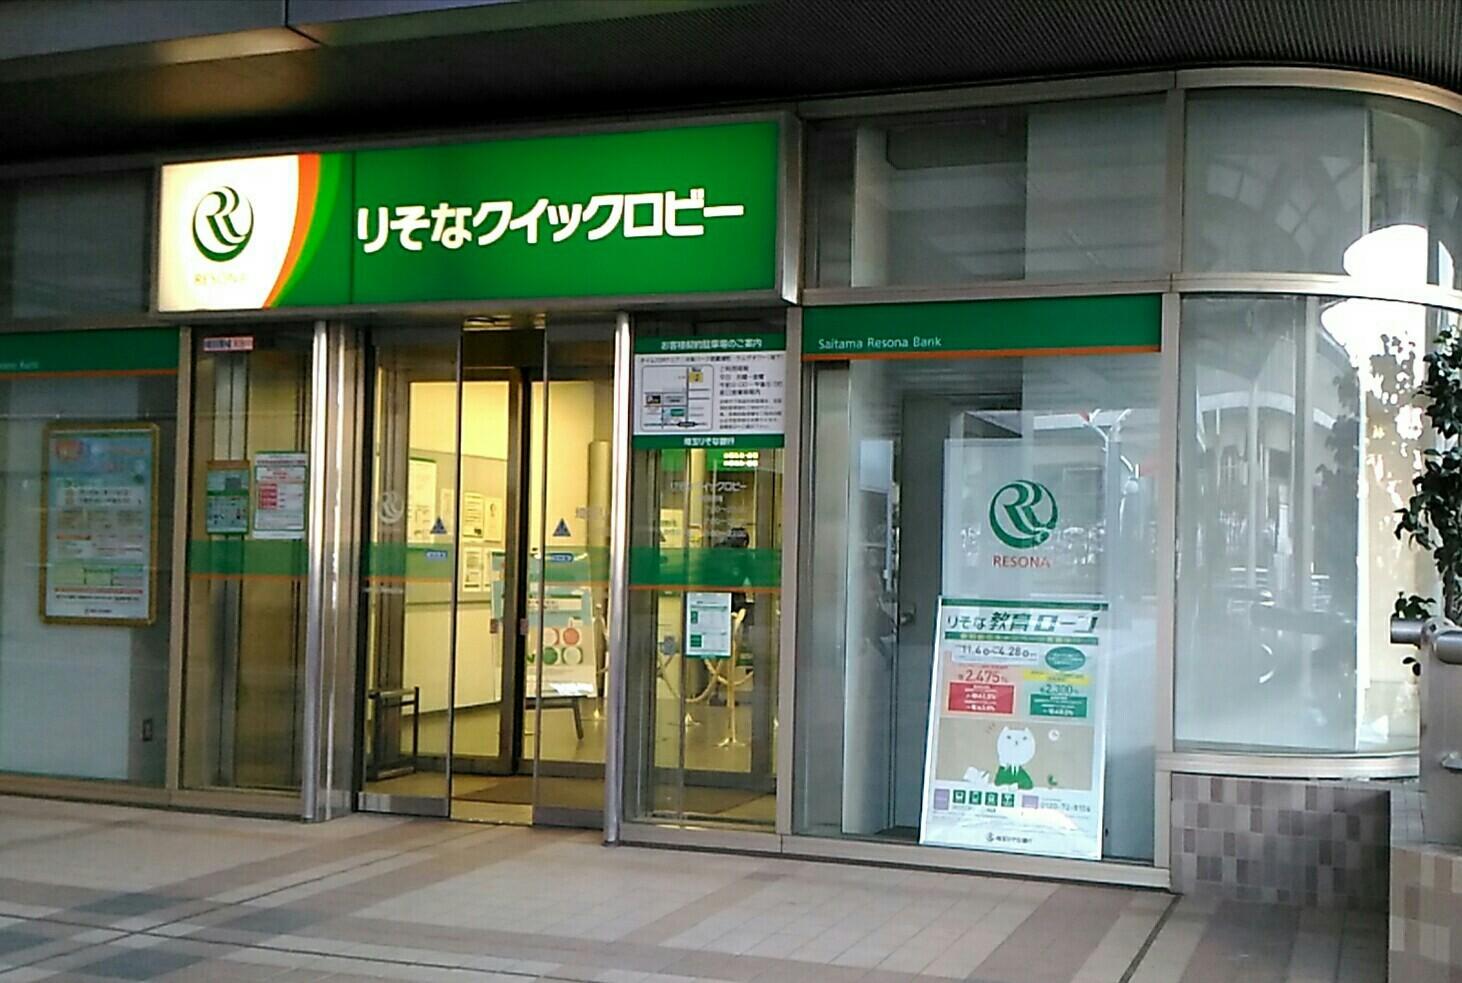 埼玉 りそな 銀行 atm 埼玉りそな銀行のキャッシュカードをご利用いただける提携CD・ATM 店...